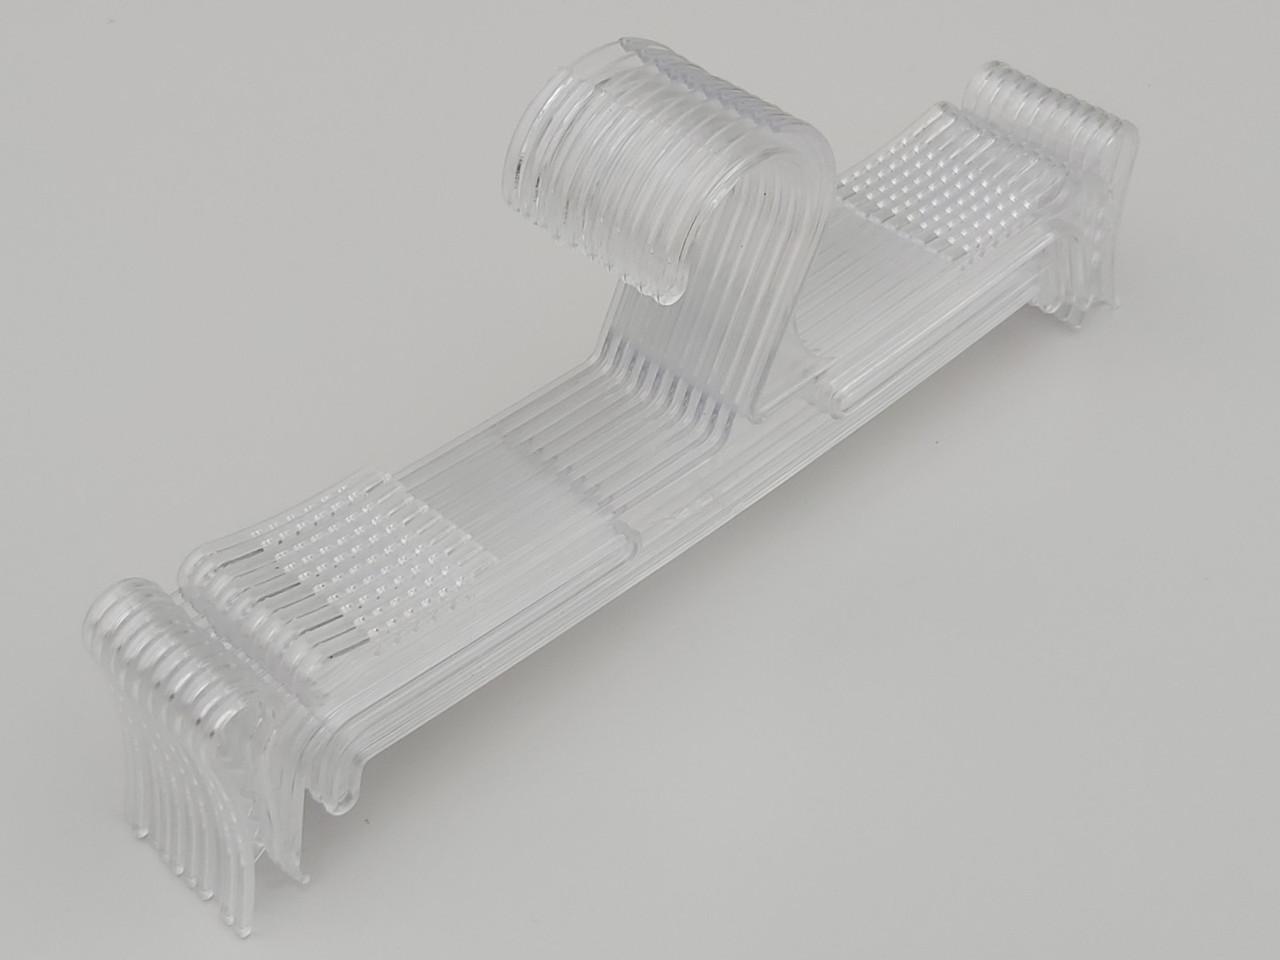 Плечики вешалки пластмассовые для нижнего белья Marc-Th WBO-1PS прозрачные, 25 см, 10 штук в упаковке